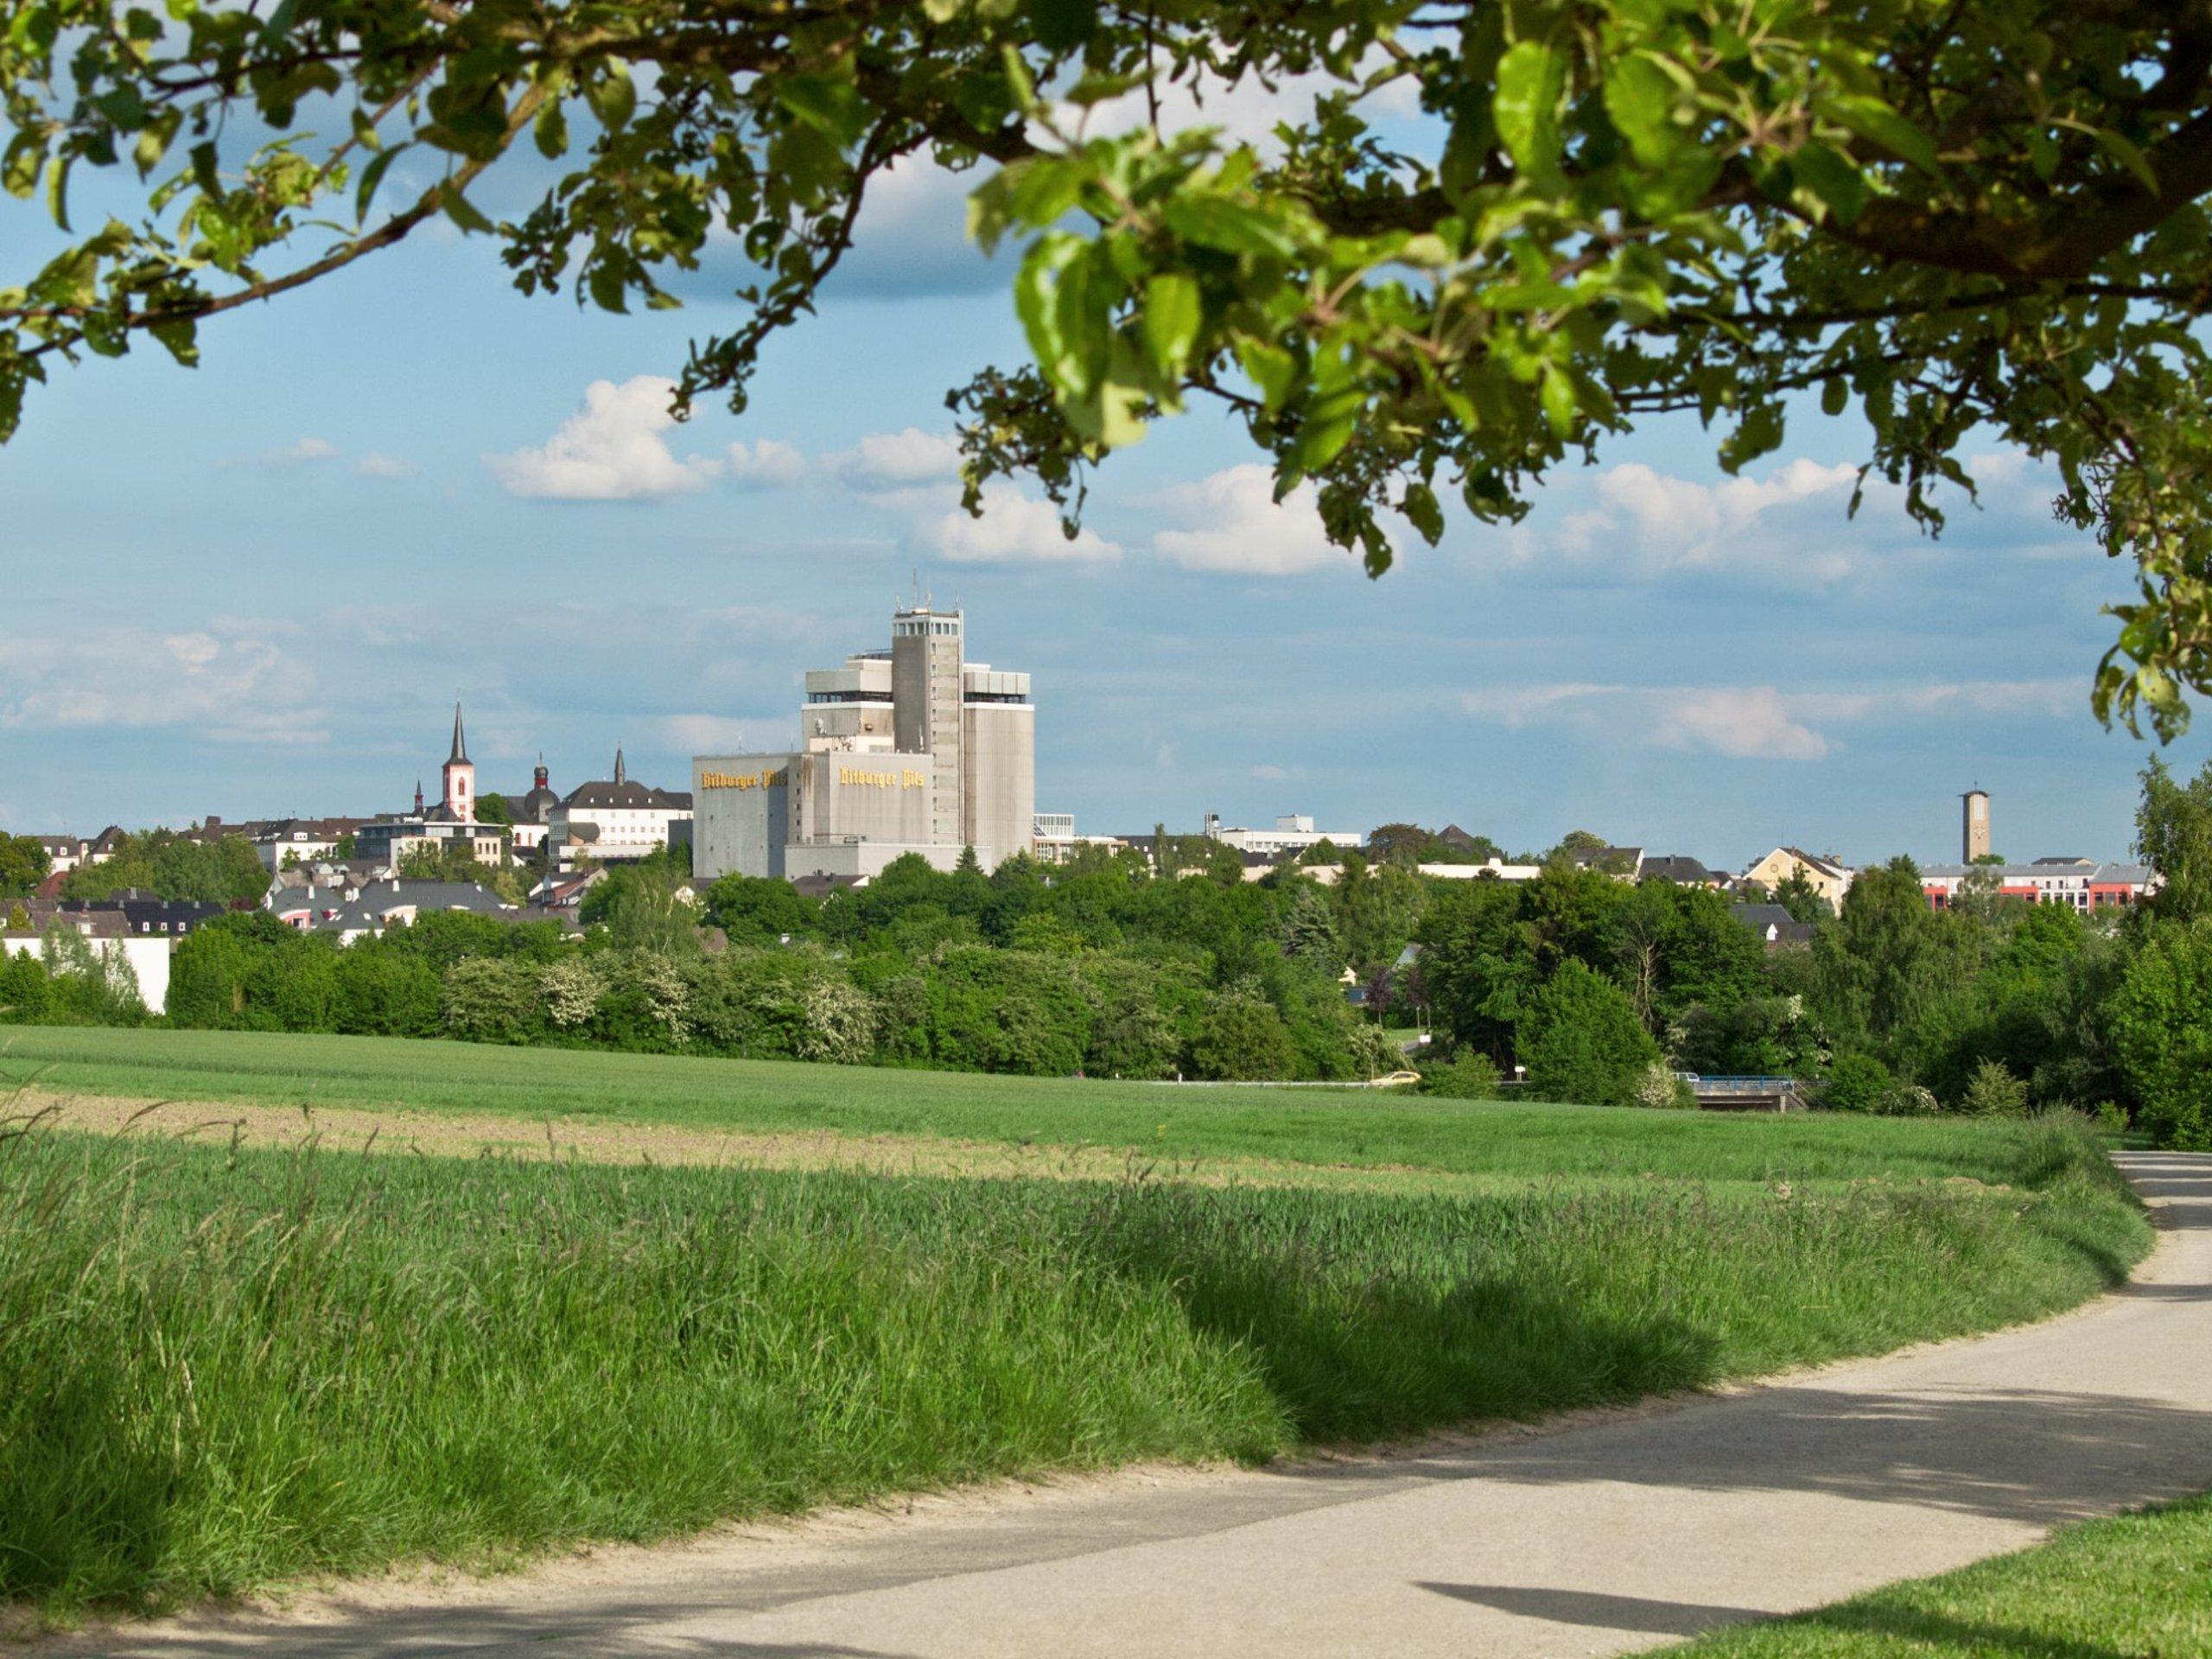 Hotel Blesius Garten Trier Einzigartig Bitburg 2020 Best Of Bitburg Germany tourism Tripadvisor